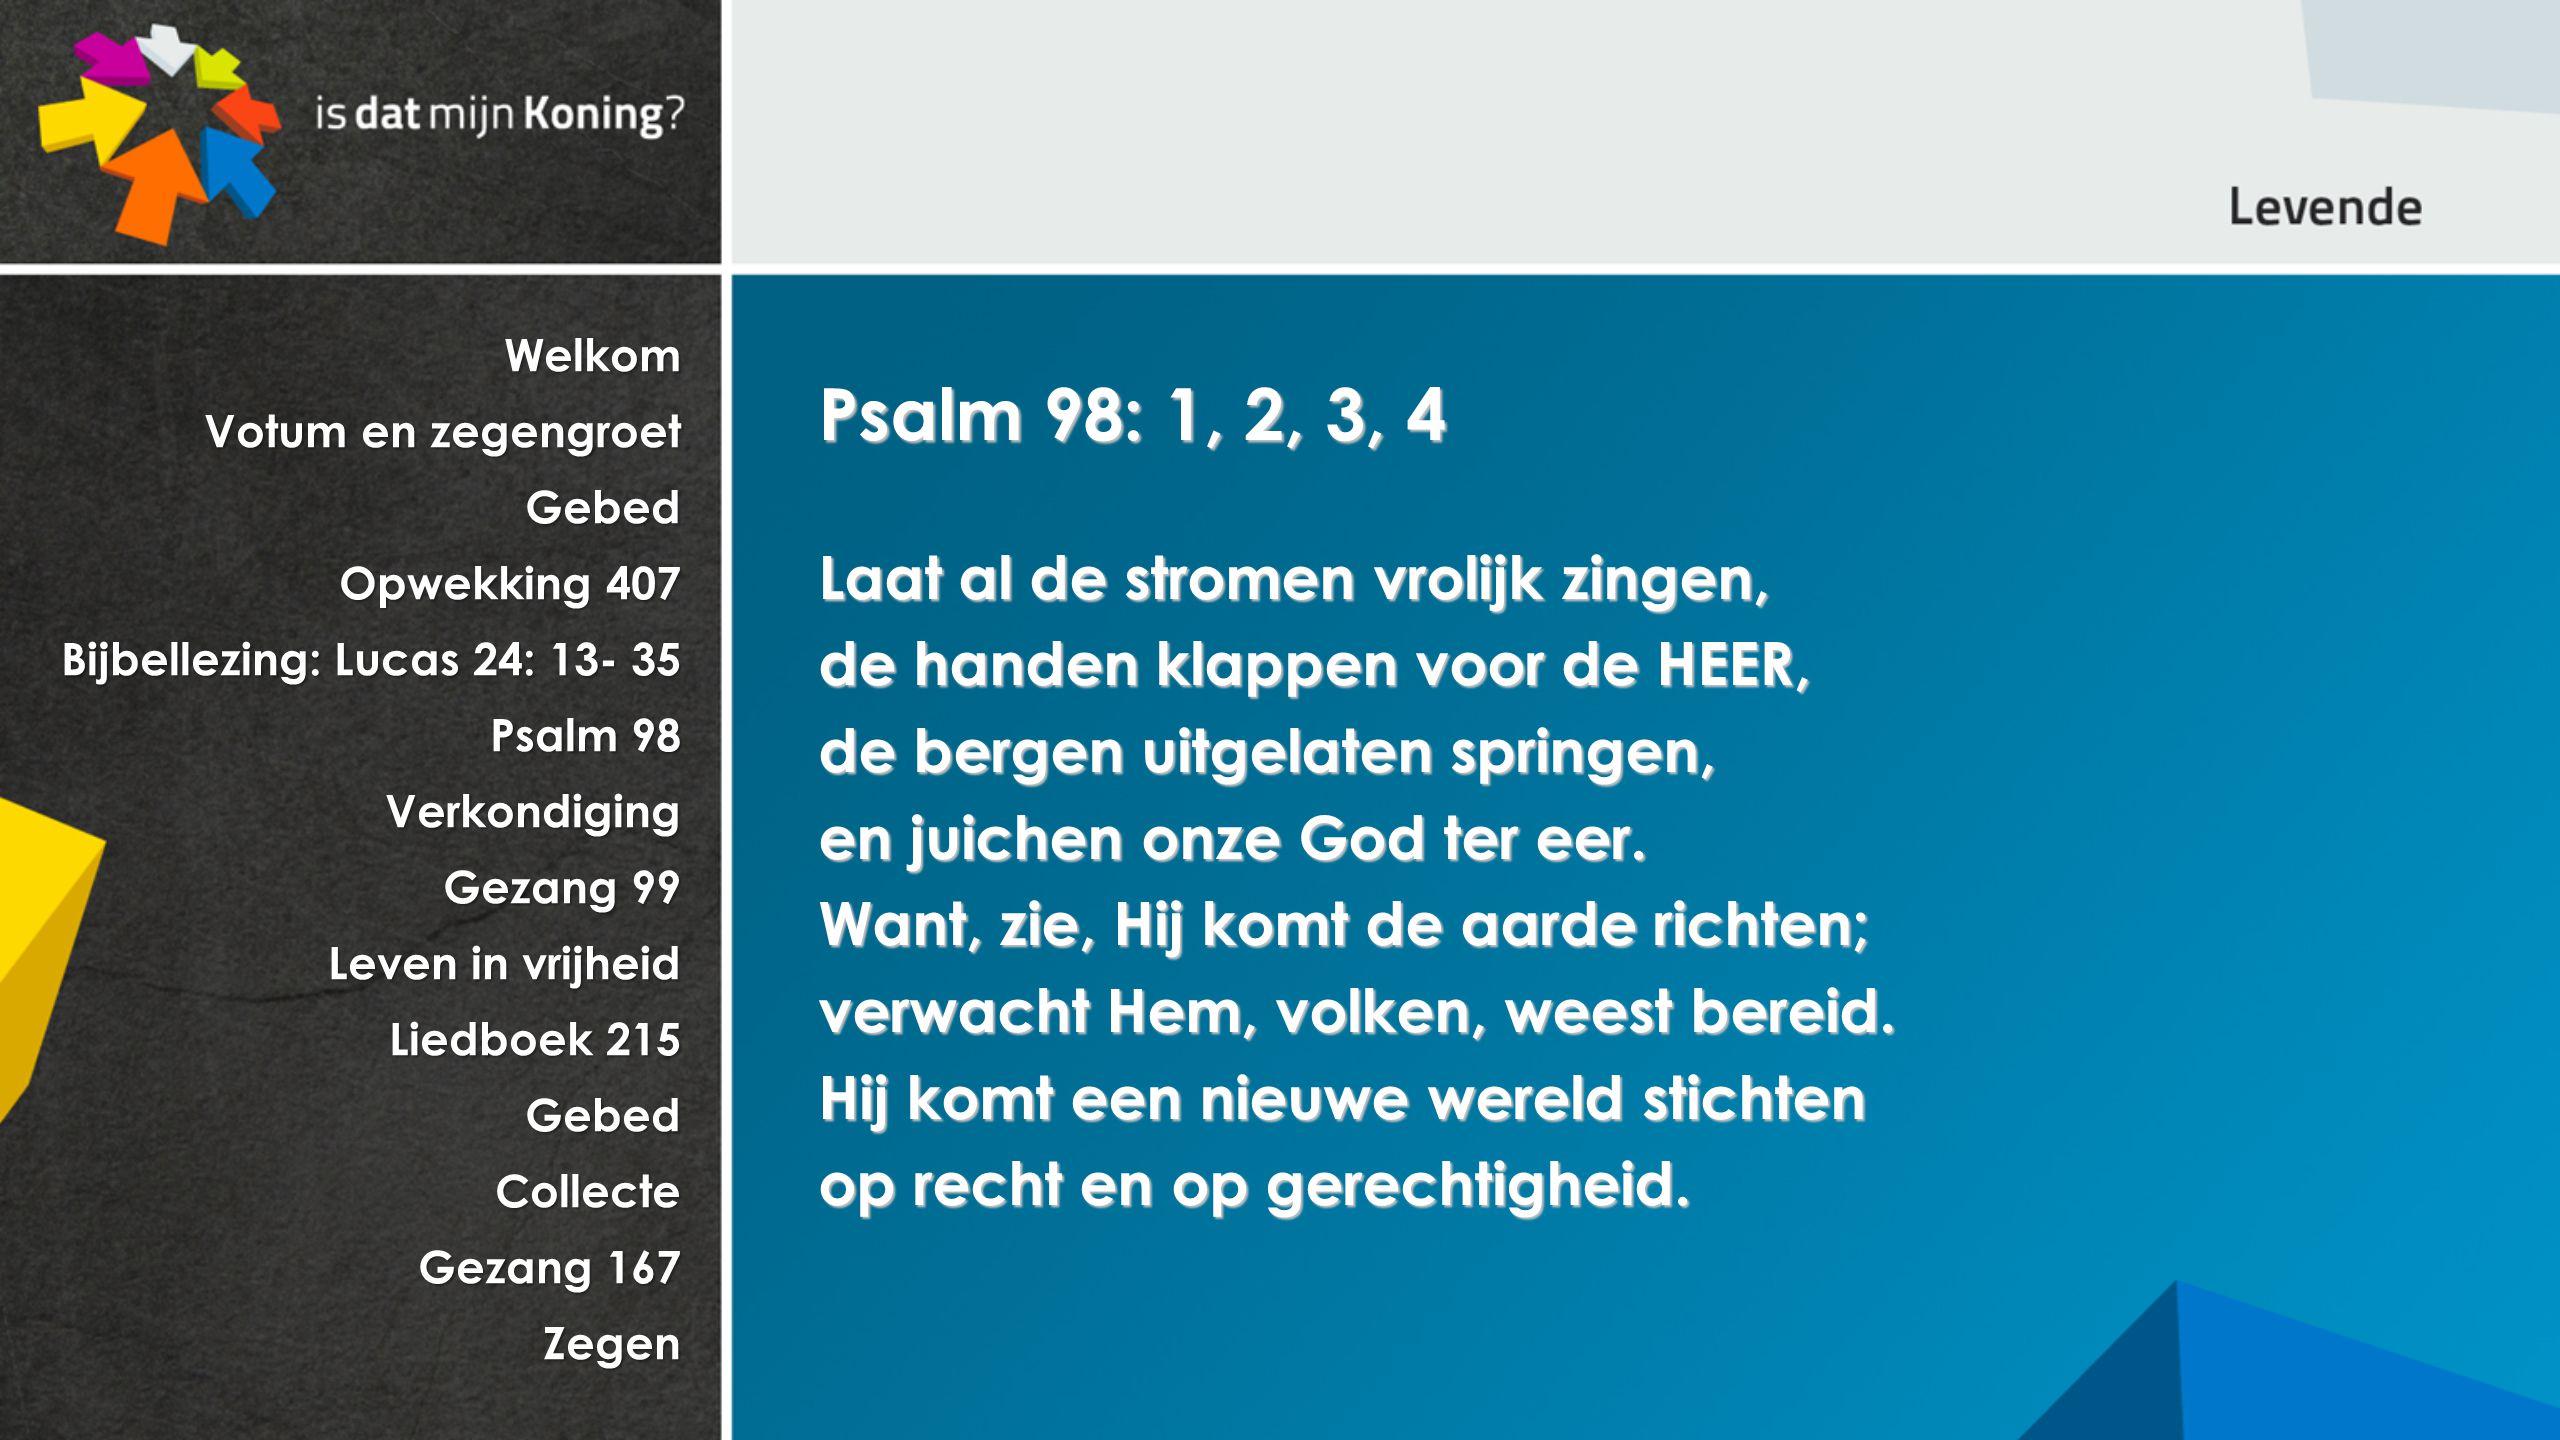 Welkom Votum en zegengroet Gebed Opwekking 407 Bijbellezing: Lucas 24: 13- 35 Psalm 98 Verkondiging Gezang 99 Leven in vrijheid Liedboek 215 GebedCollecte Gezang 167 Zegen Psalm 98: 1, 2, 3, 4 Laat al de stromen vrolijk zingen, de handen klappen voor de HEER, de bergen uitgelaten springen, en juichen onze God ter eer.